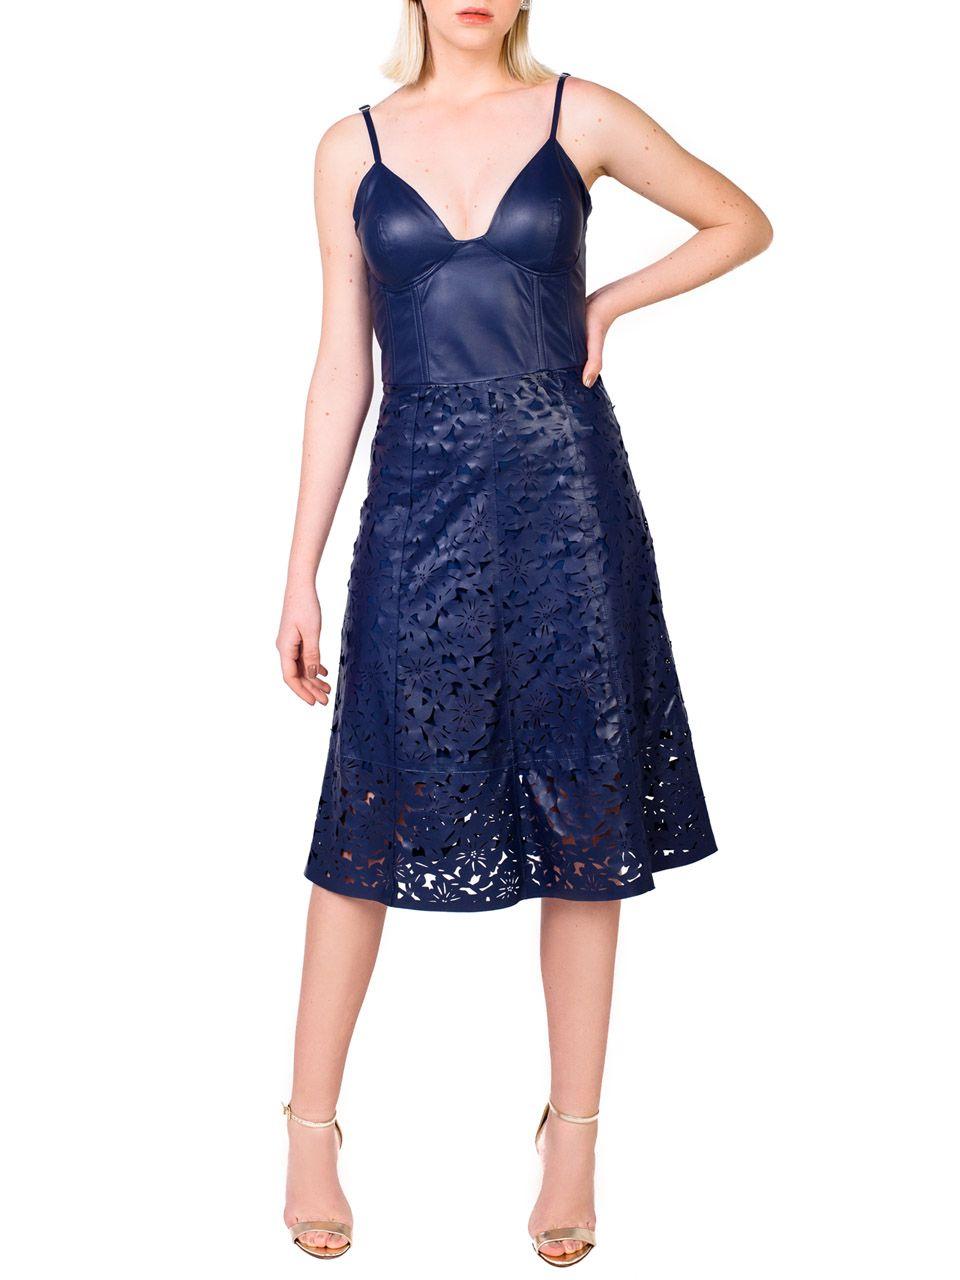 Vestido de Alça  com corta à Laser Floral - Liziane Richter